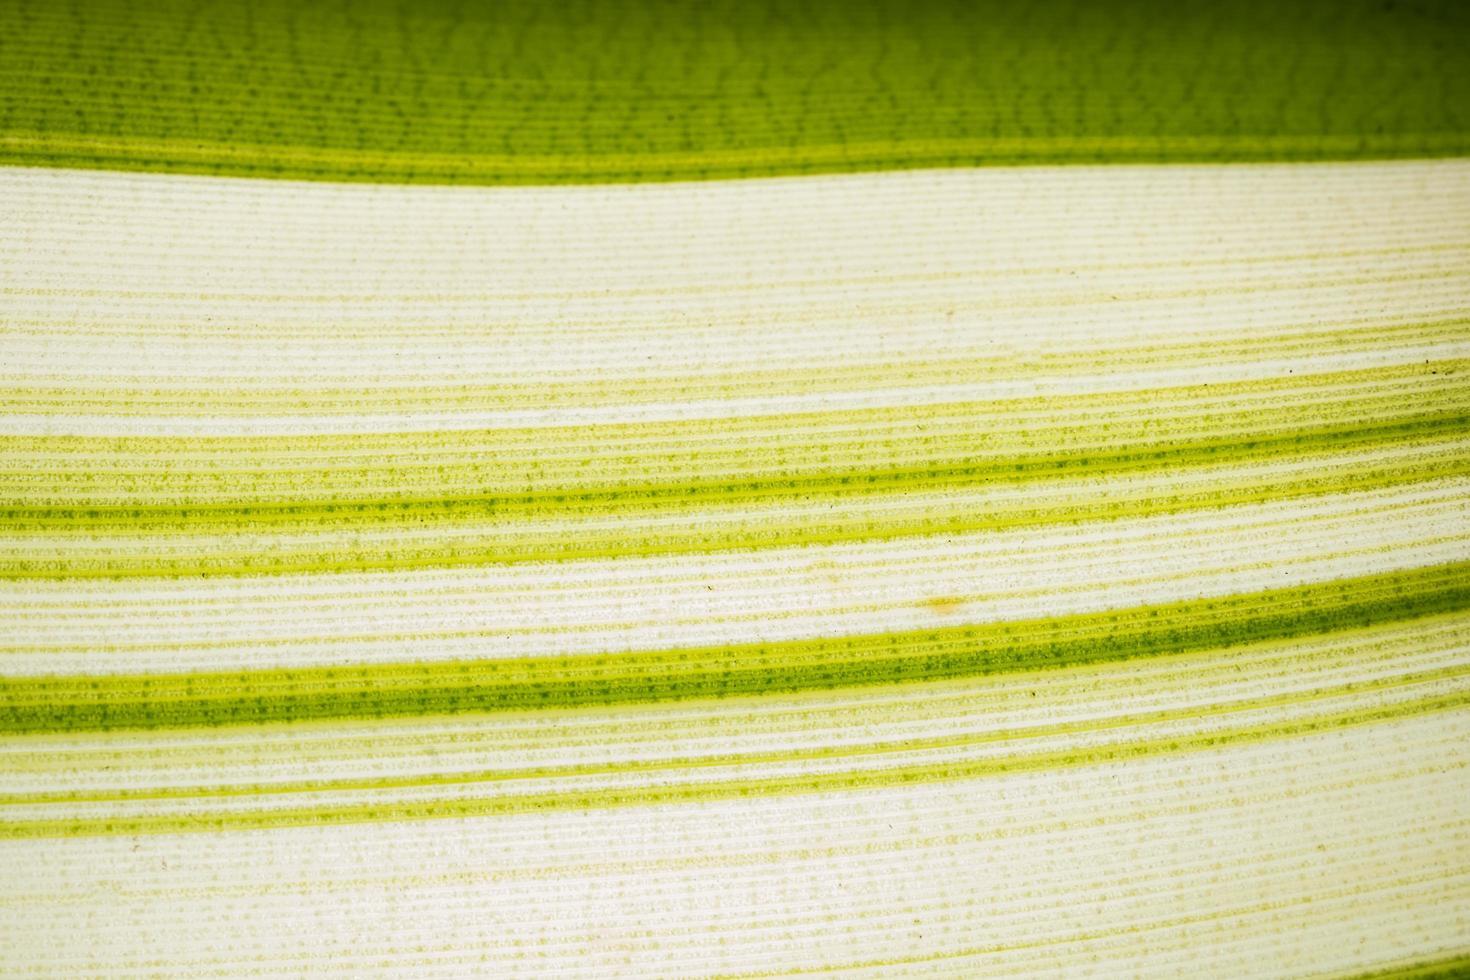 motif de feuilles vertes et blanches photo